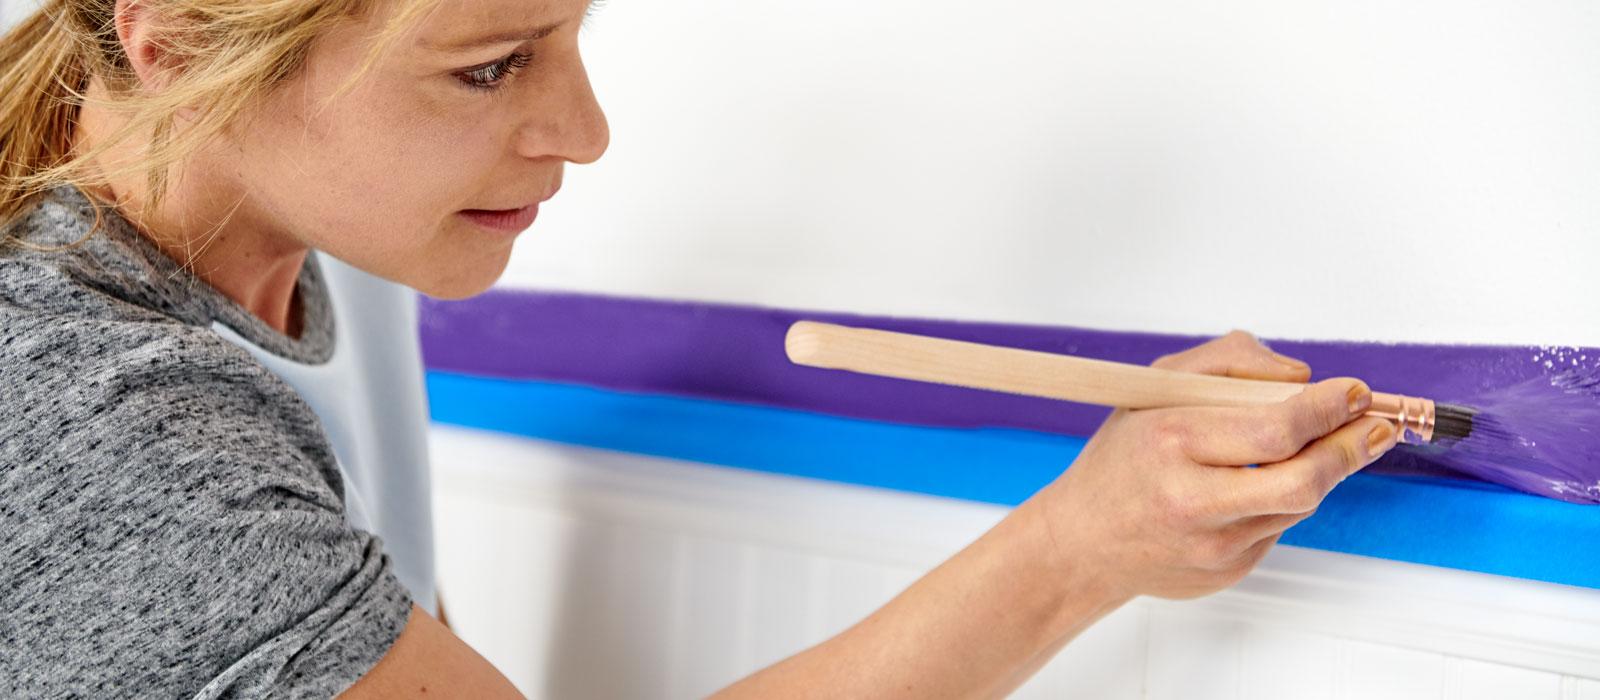 La pintora profesional Stephanie aplica pintura púrpura con una brocha en una pared sobre una guardasilla